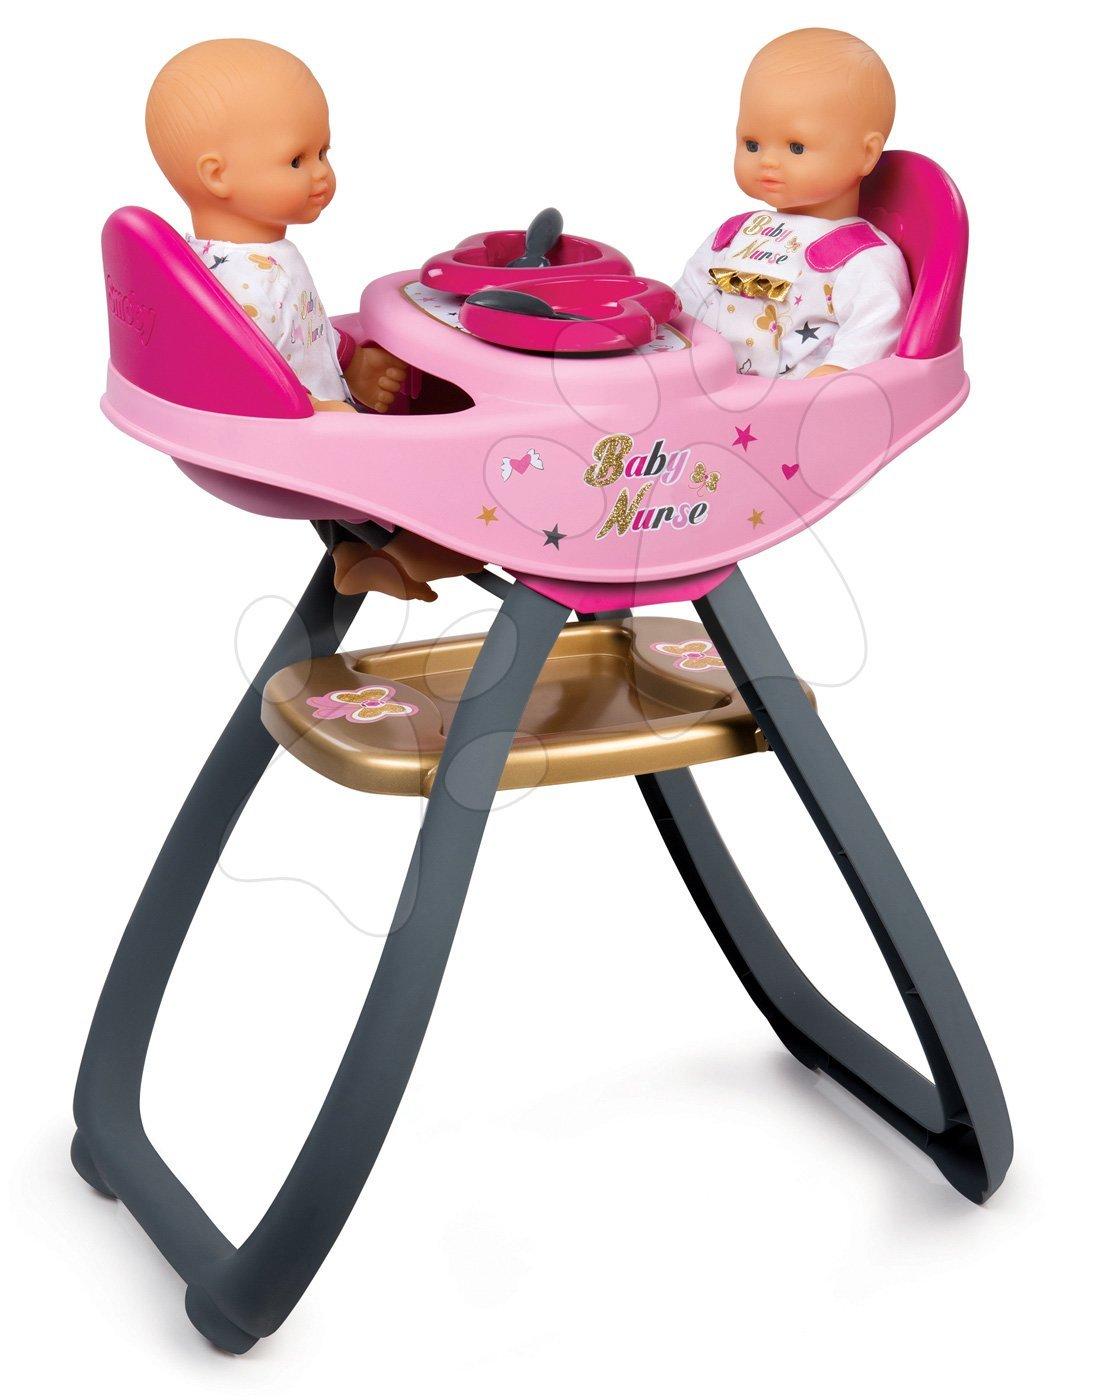 Scaun de masă Baby Nurse Ediţie aurie Smoby 42 cm pentru păpuşi gemene d de la 24 luni